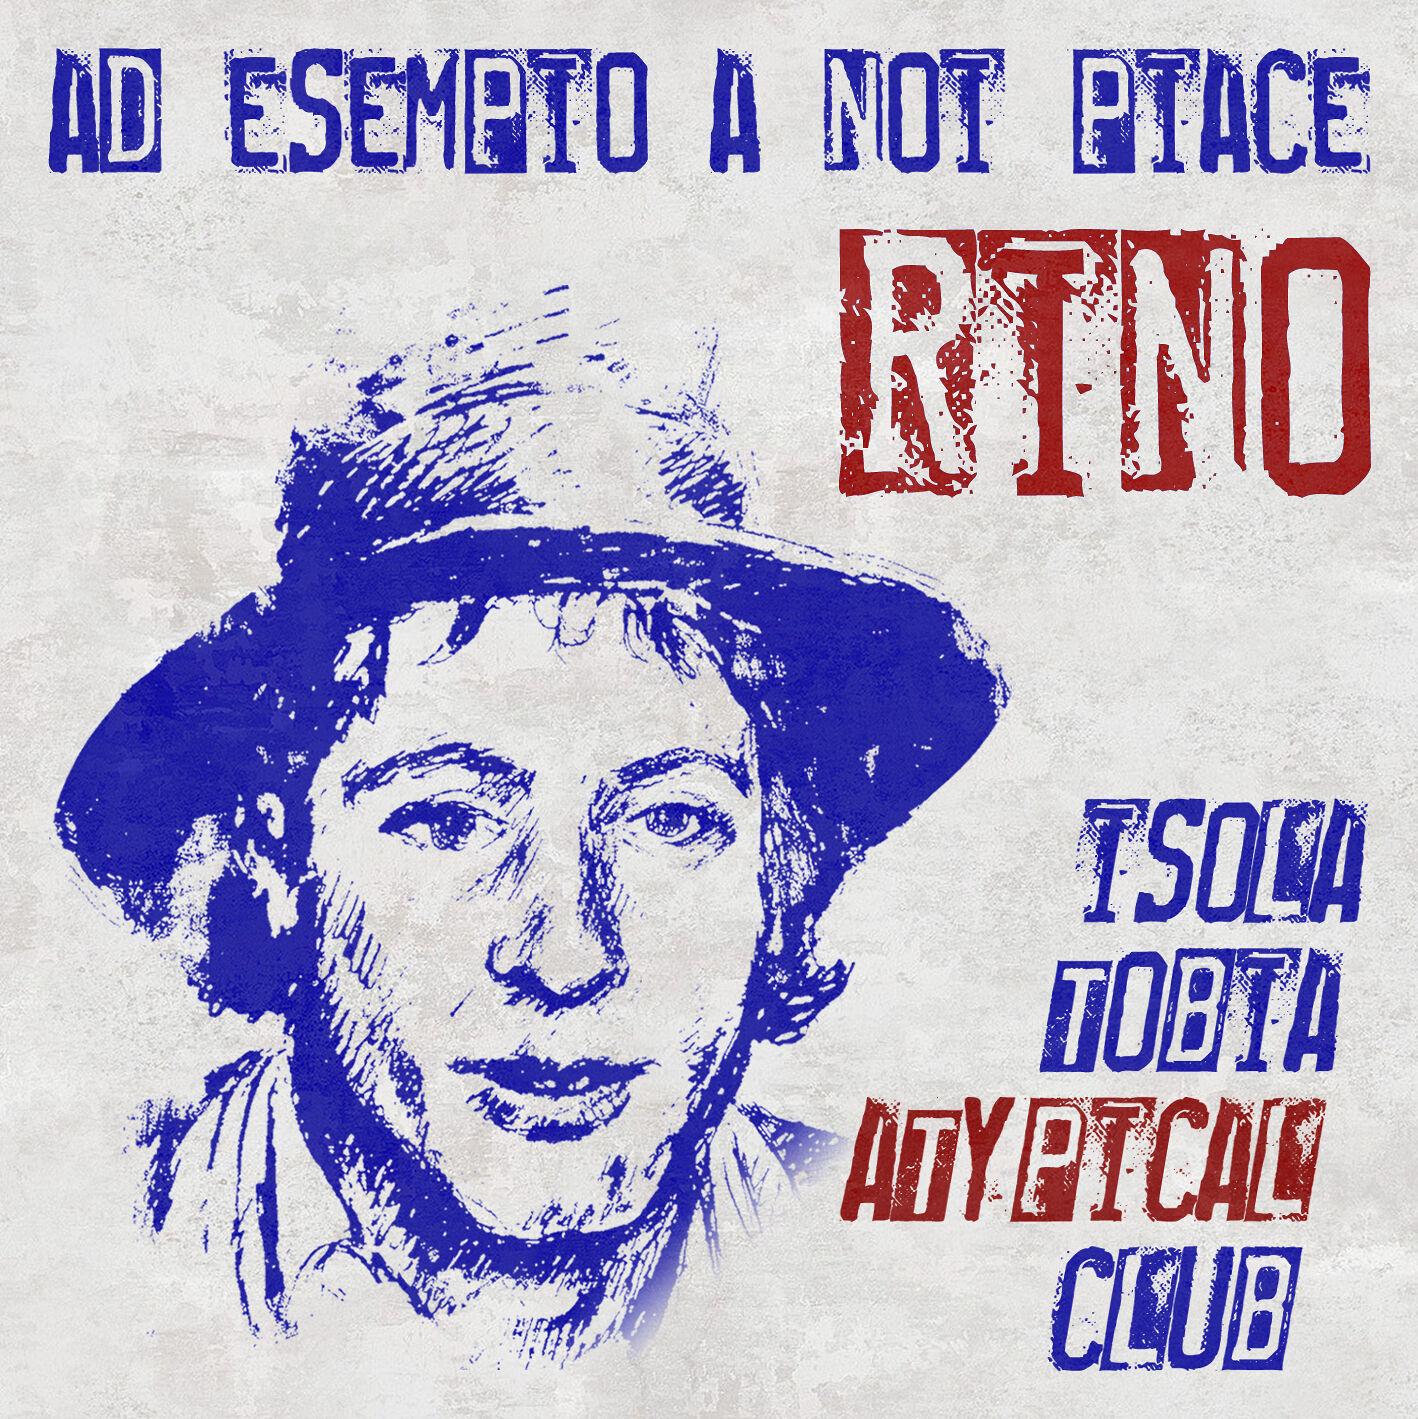 Ad esempio a noi piace Rino: gli artisti di Isola tobia label rendono omaggio alla musica italiana.